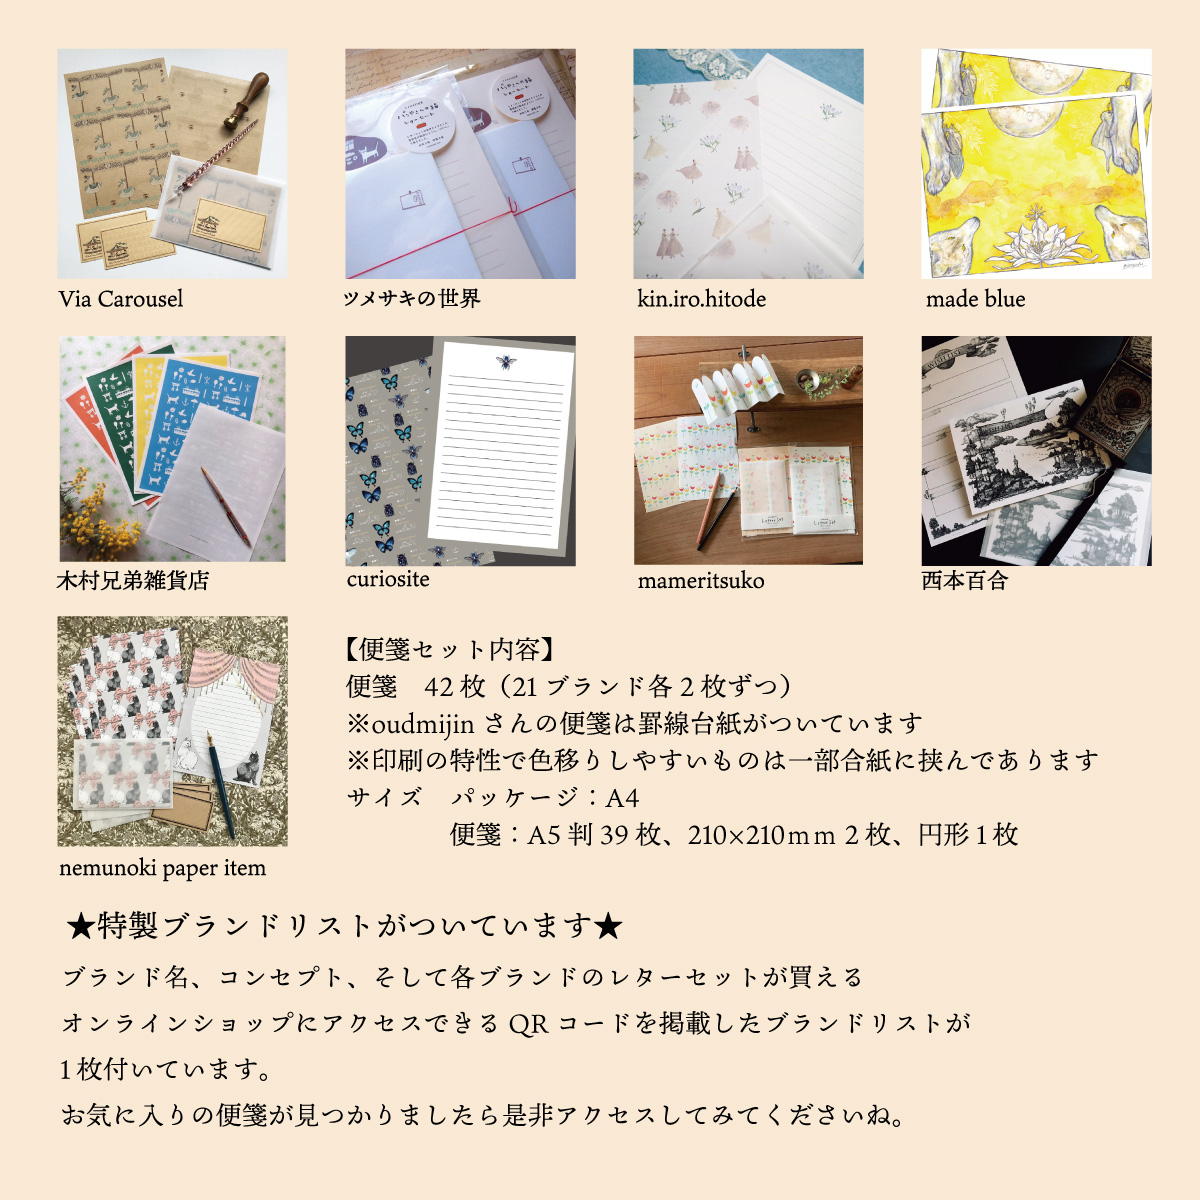 f:id:nemunoki-letter:20200518010838j:plain